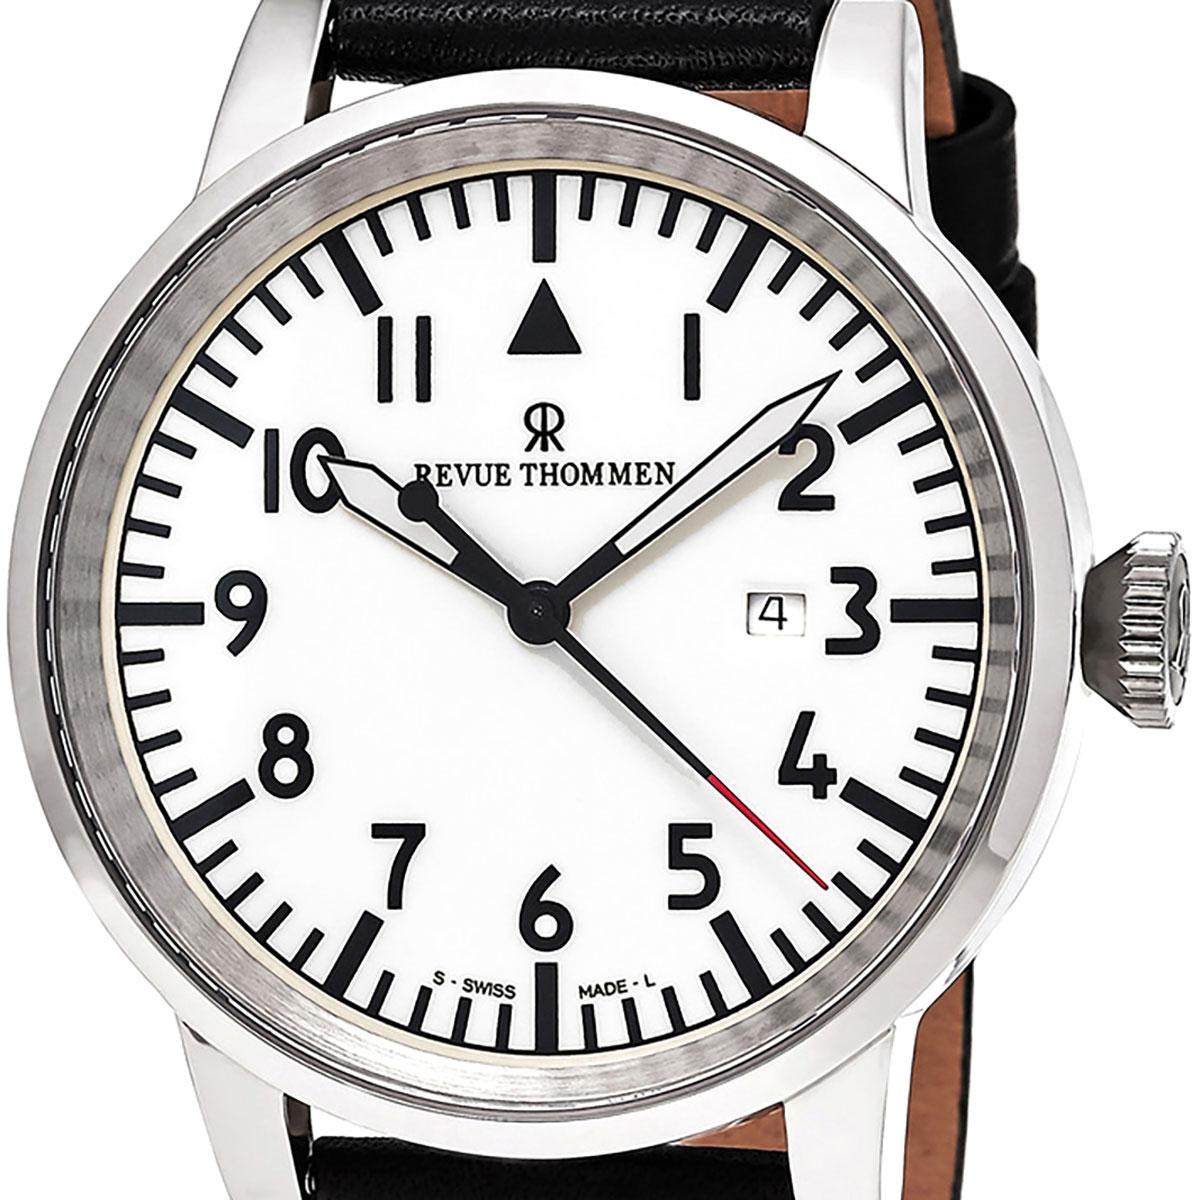 【残り1点】REVUE THOMMEN レビュートーメン 自動巻き(手巻き機能あり) 腕時計 [16053.2533] 並行輸入品 ホワイト(白)